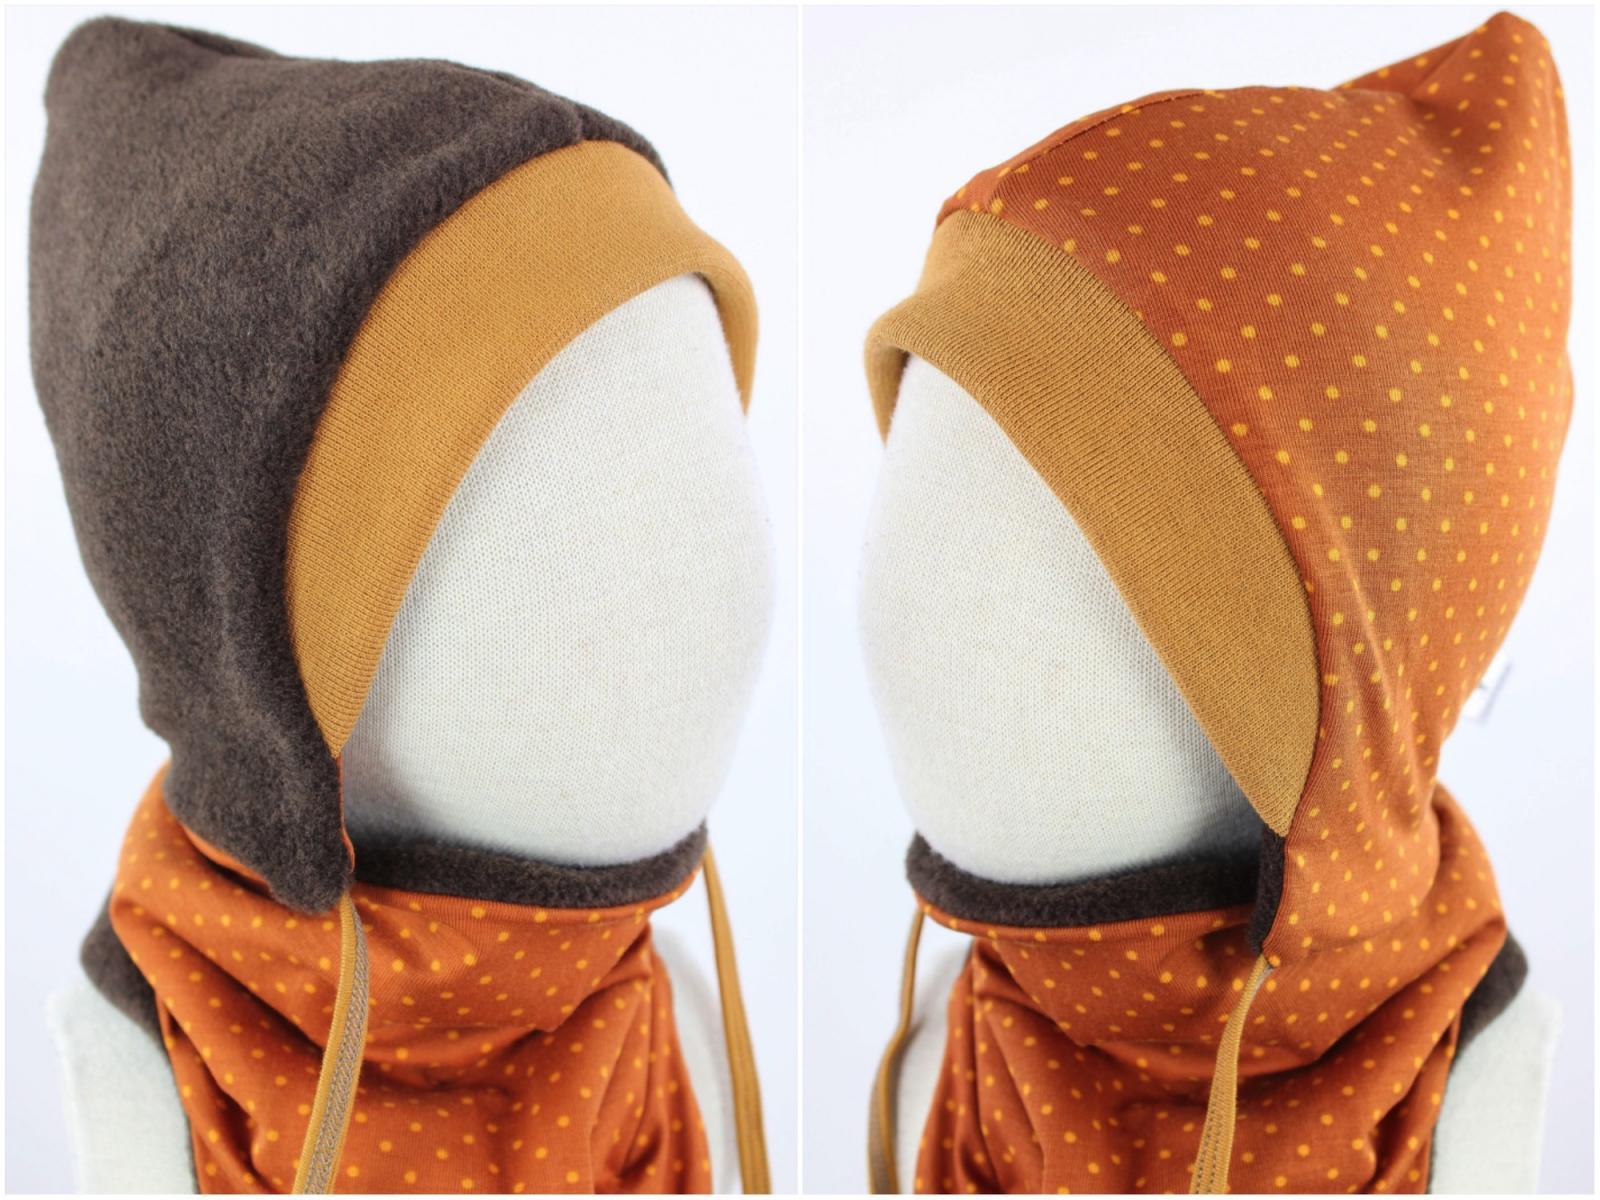 Kinder-Fleecemütze zum Wenden braun meliert mit Punkten auf orange